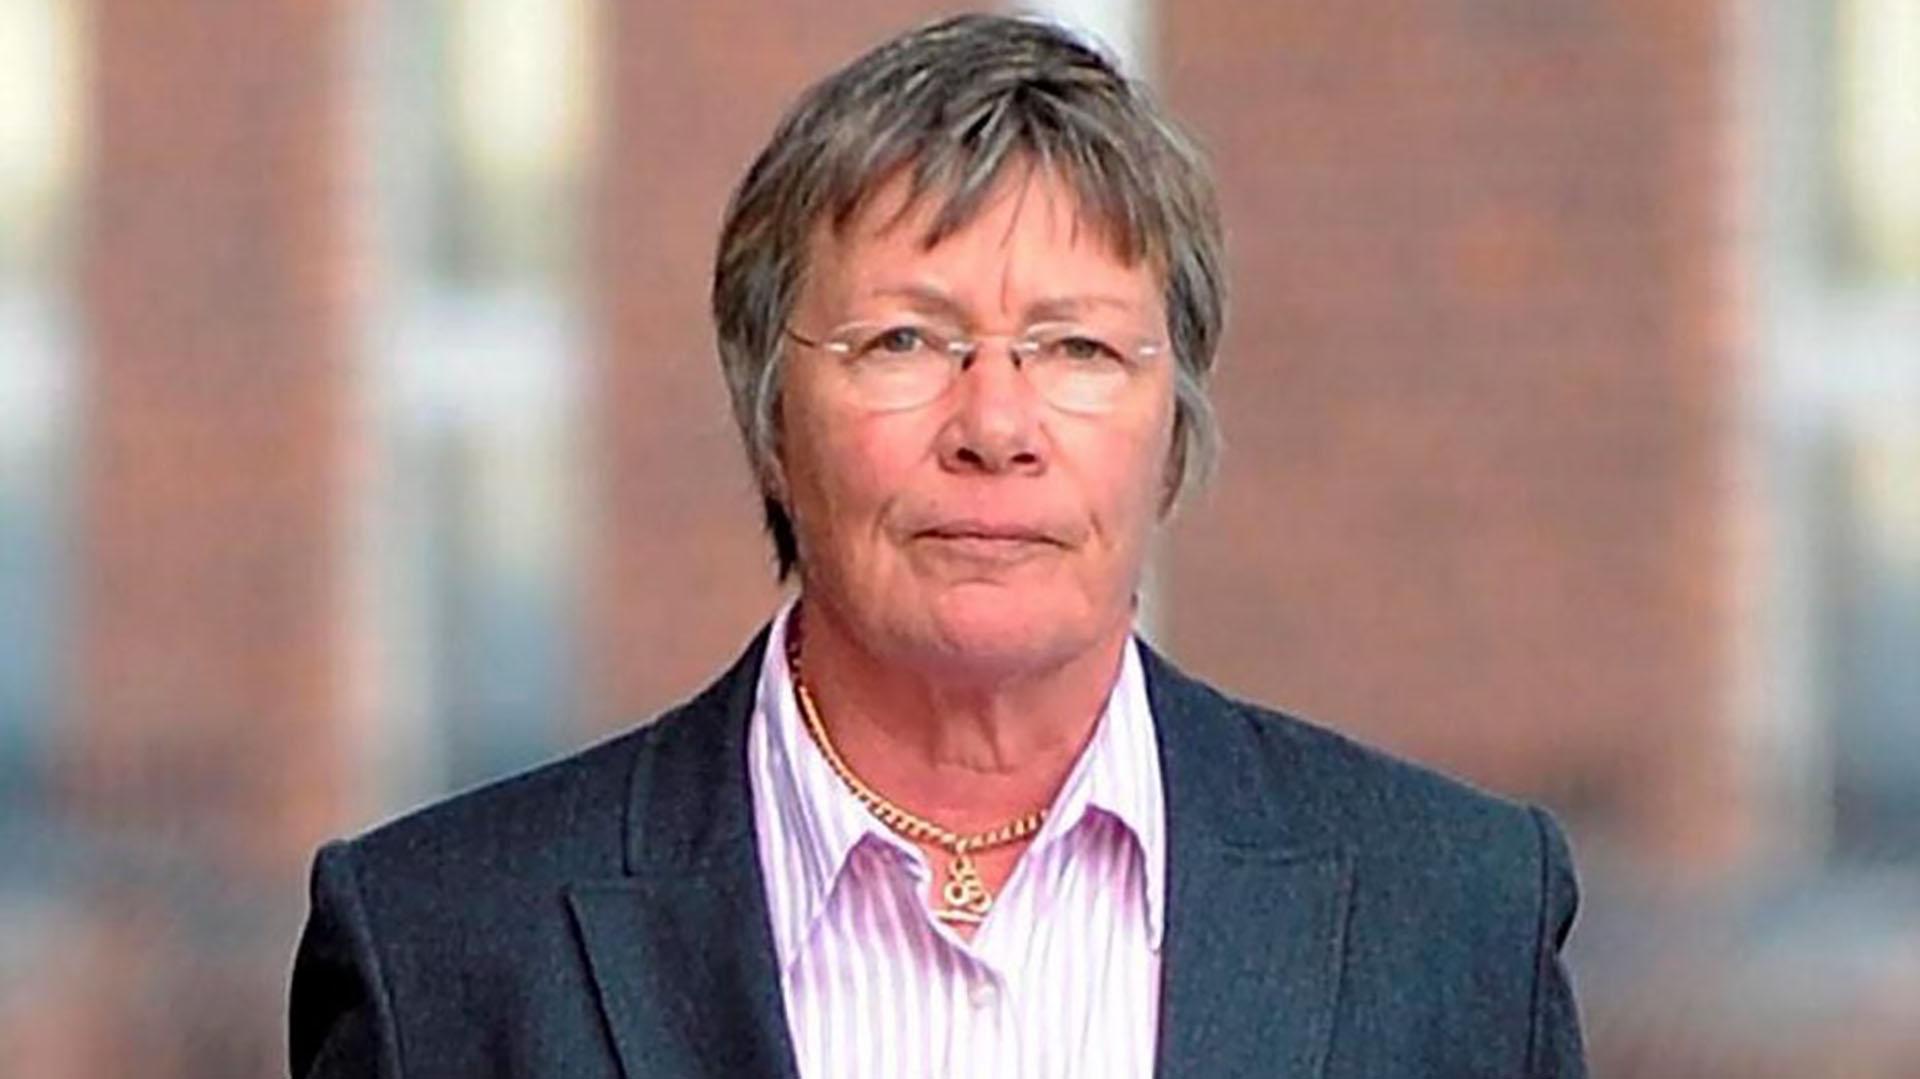 La médica generalista tiene 69 años ya está jubilada (Solent News)